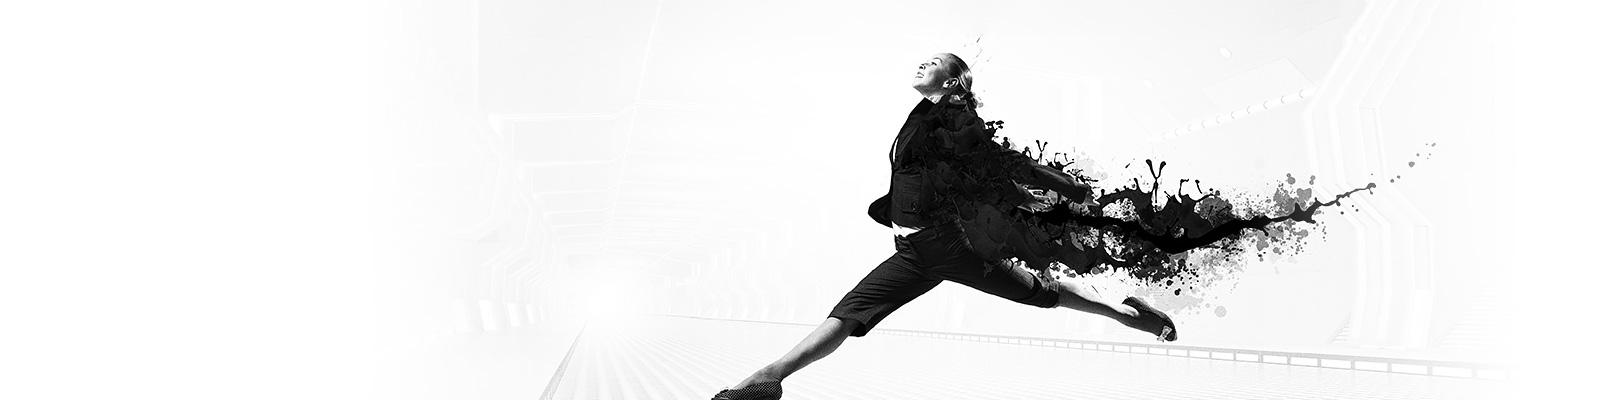 デジタル アーキテクチャ 跳躍 イメージ